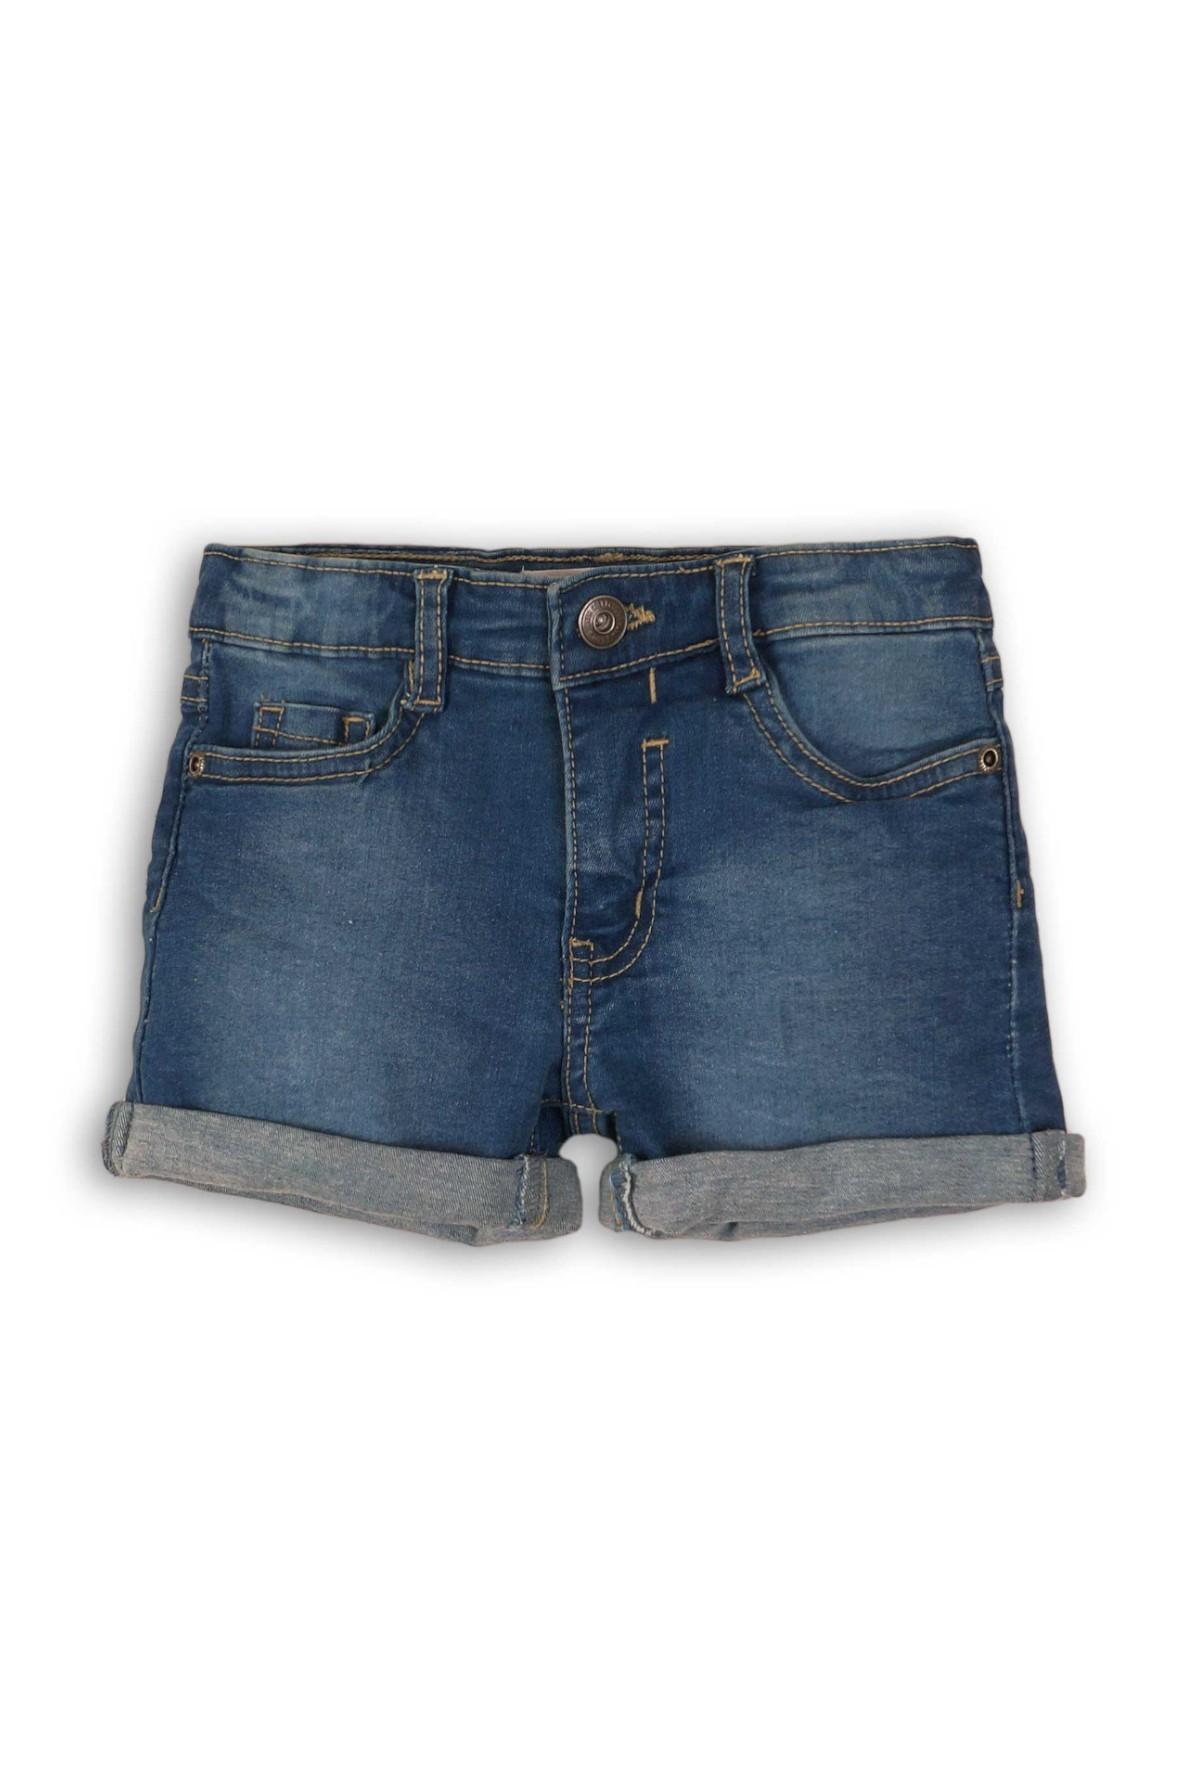 Spodenki dziewczęce z niebieskiego jeansu